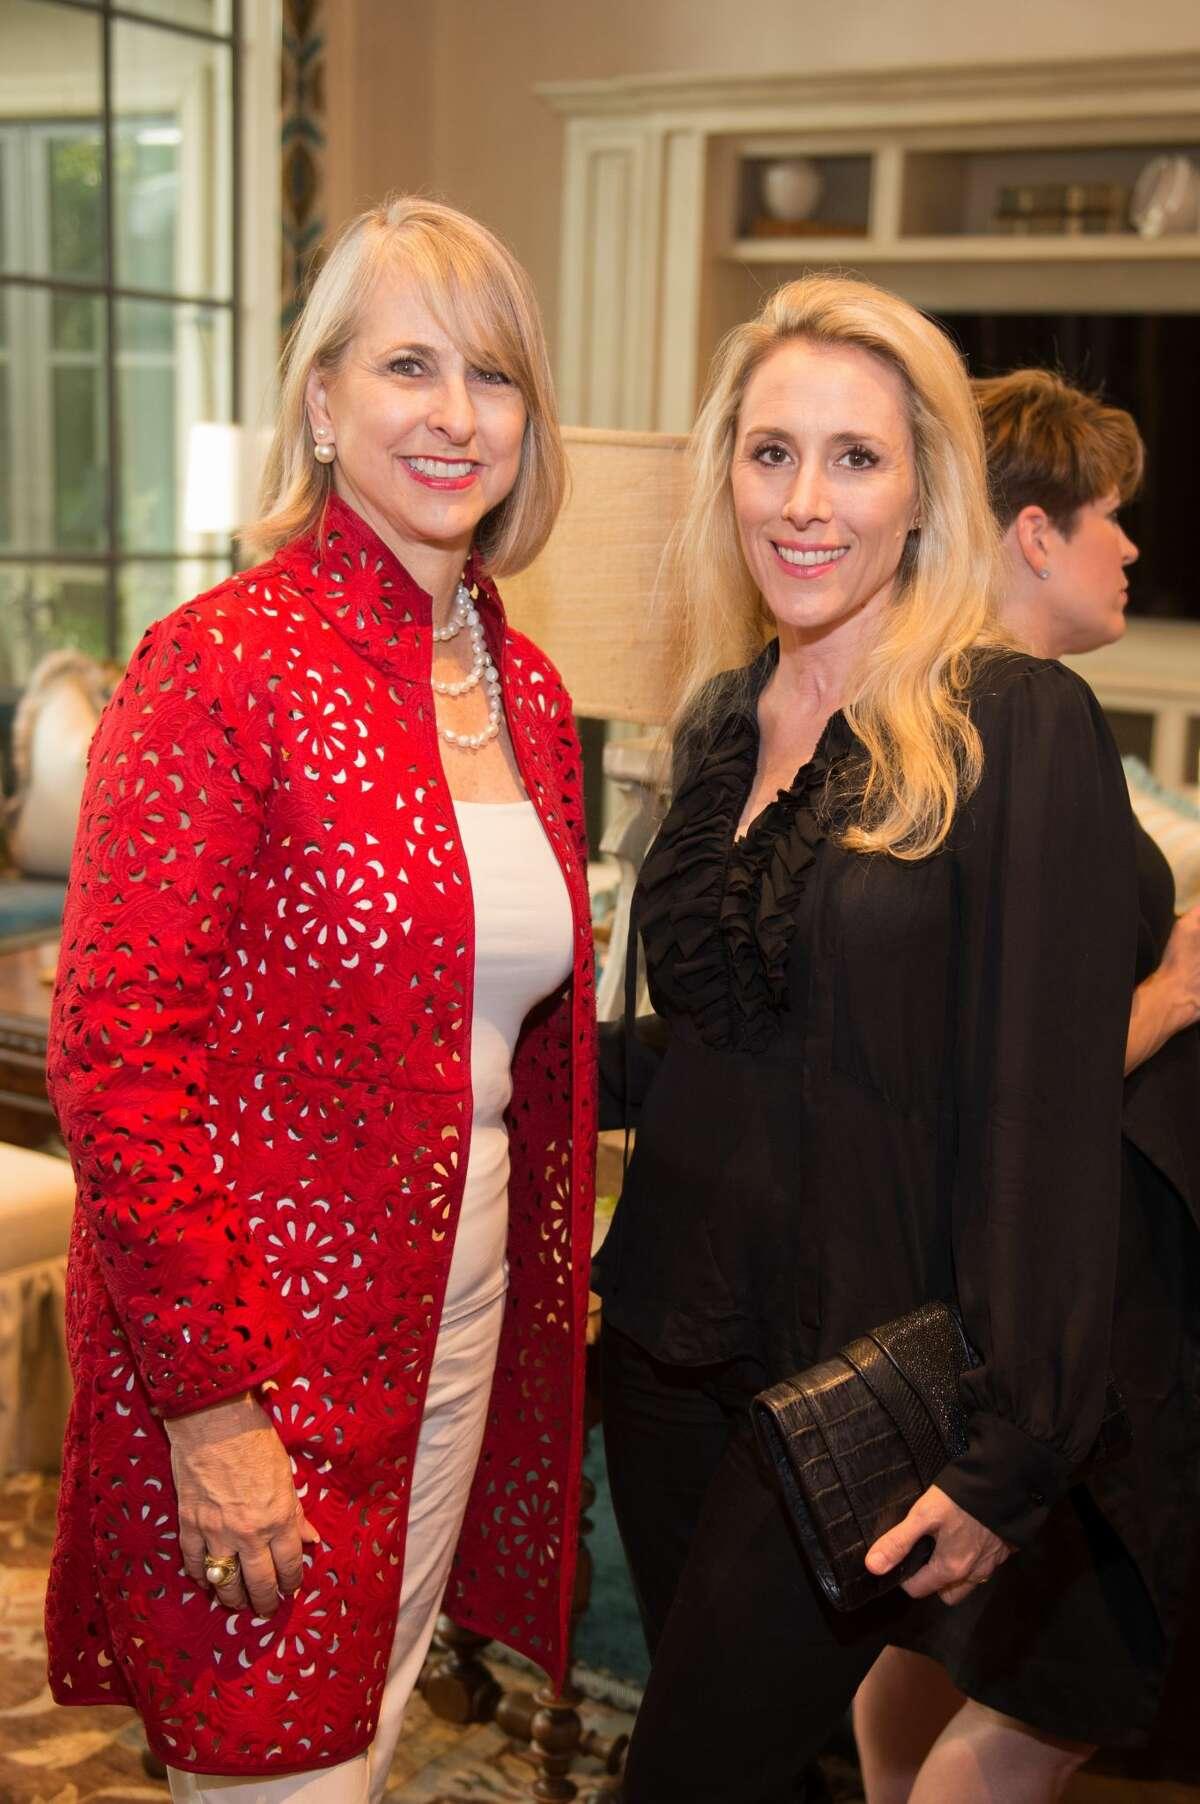 Susan Hansen and Christie Sullivan